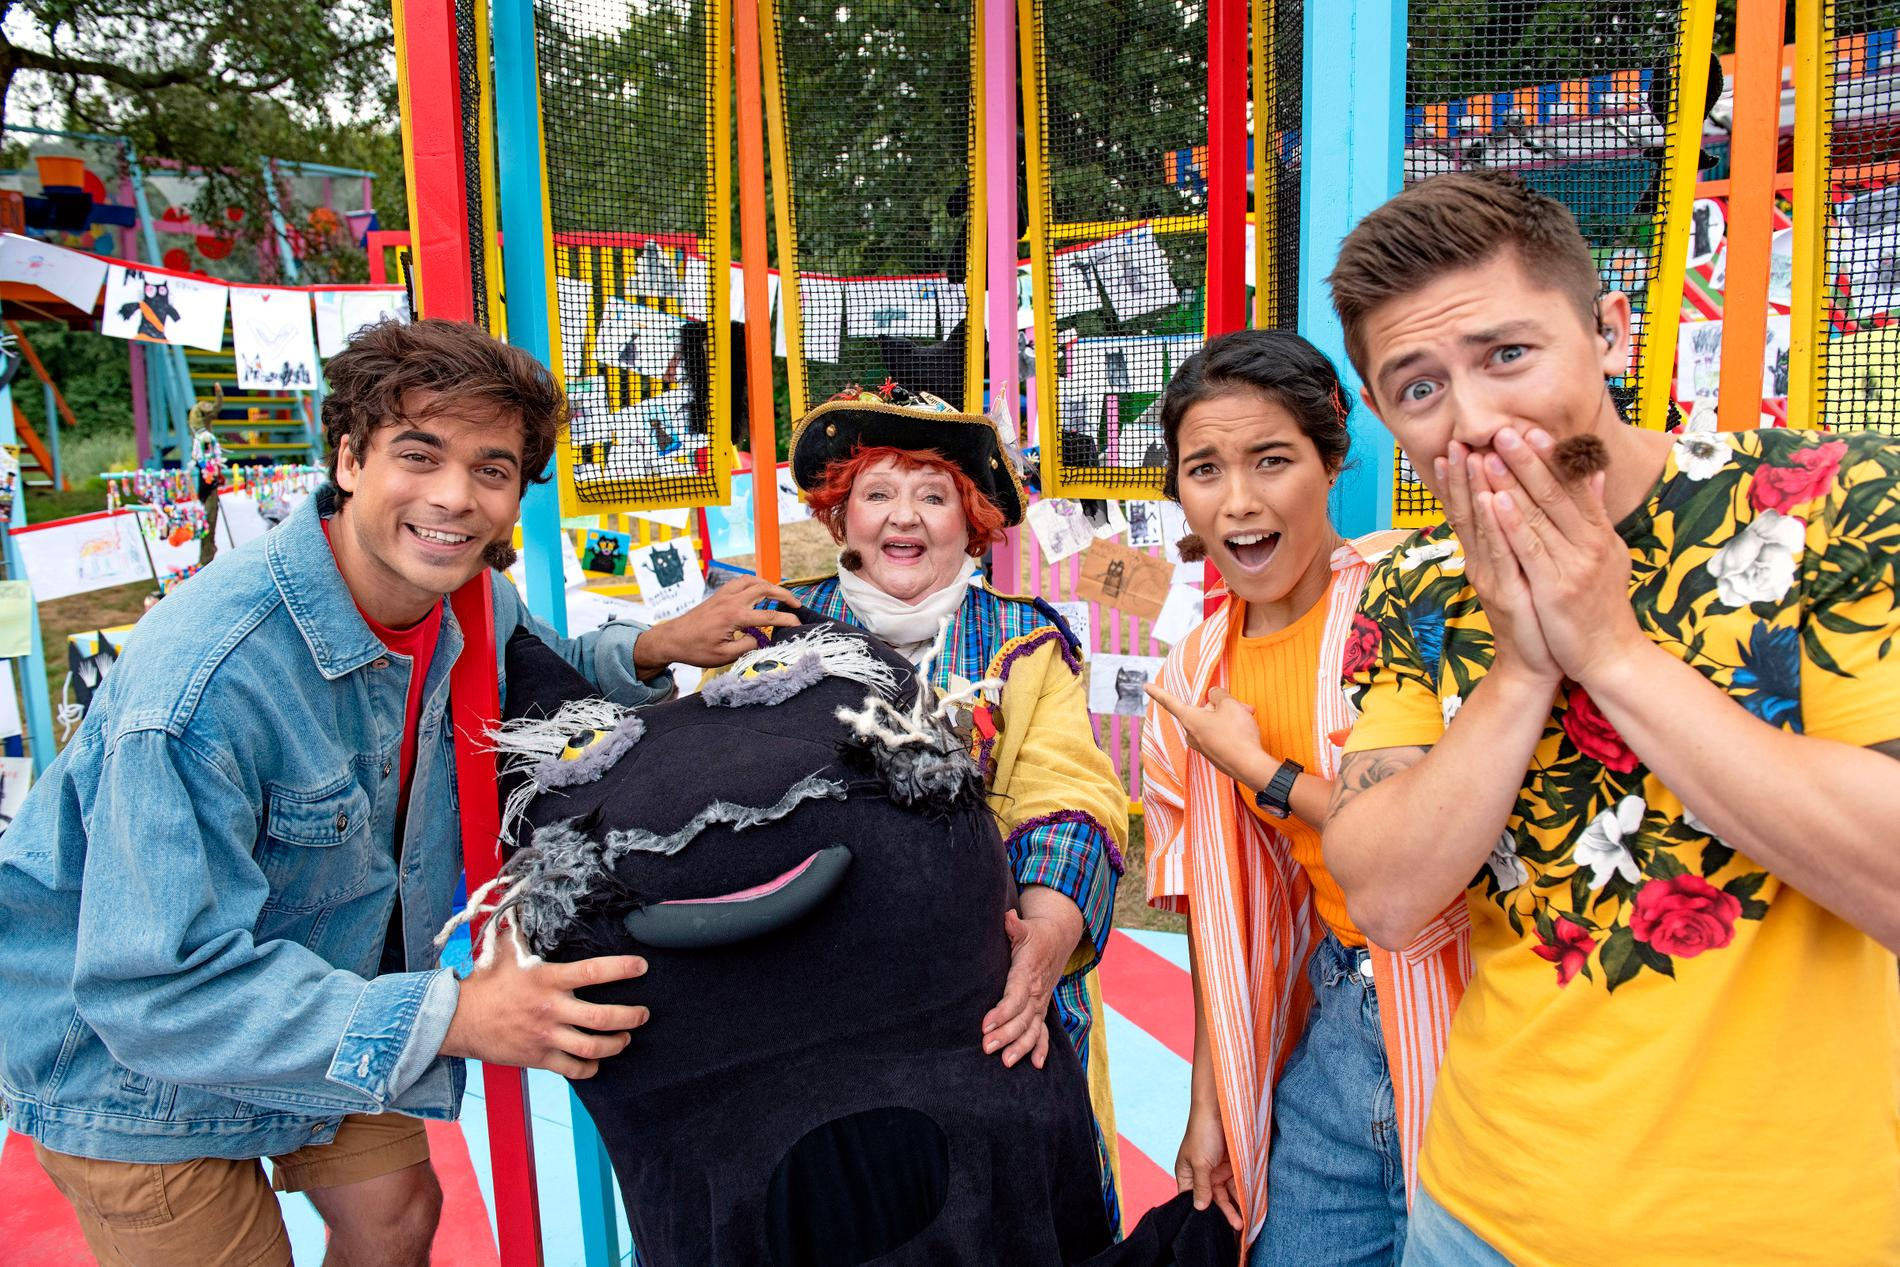 Kapten Doris, spelad av Marianne Mörck, var årets Sommarskugga. Här ser vi henne omgiven av tre förvånade programledare. Pressbild.